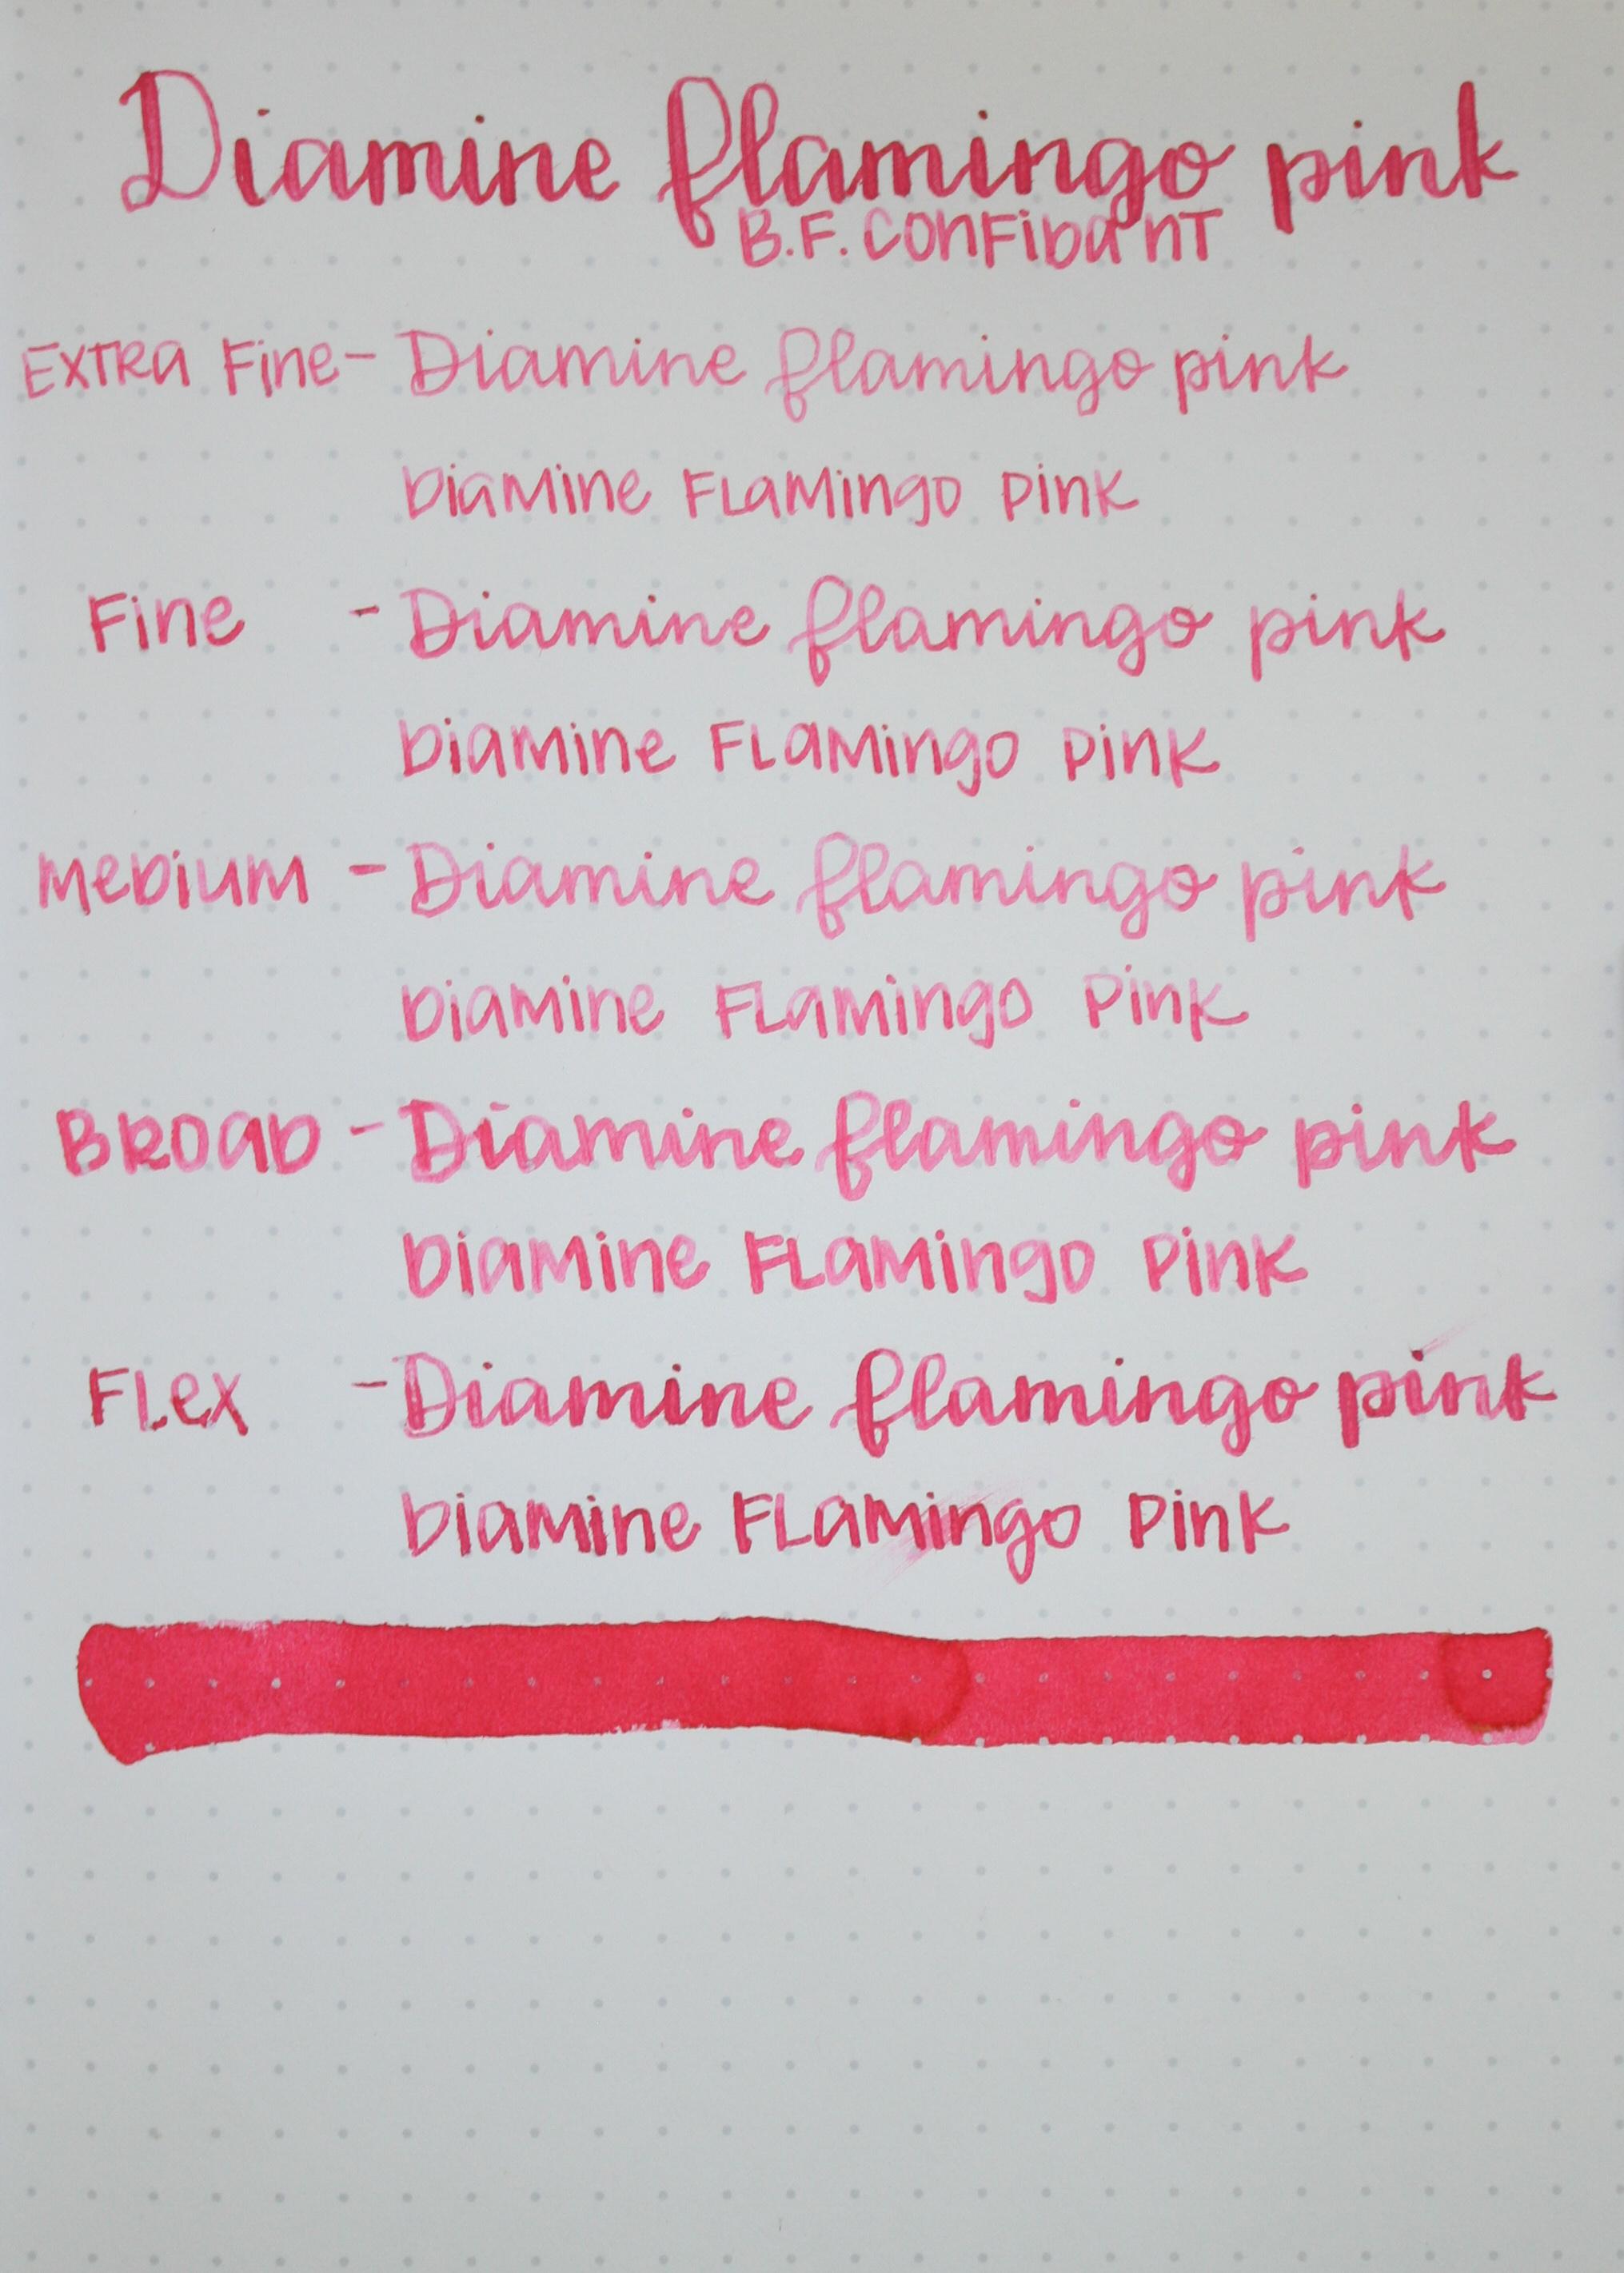 DiamineFlamingoPink-006.jpg